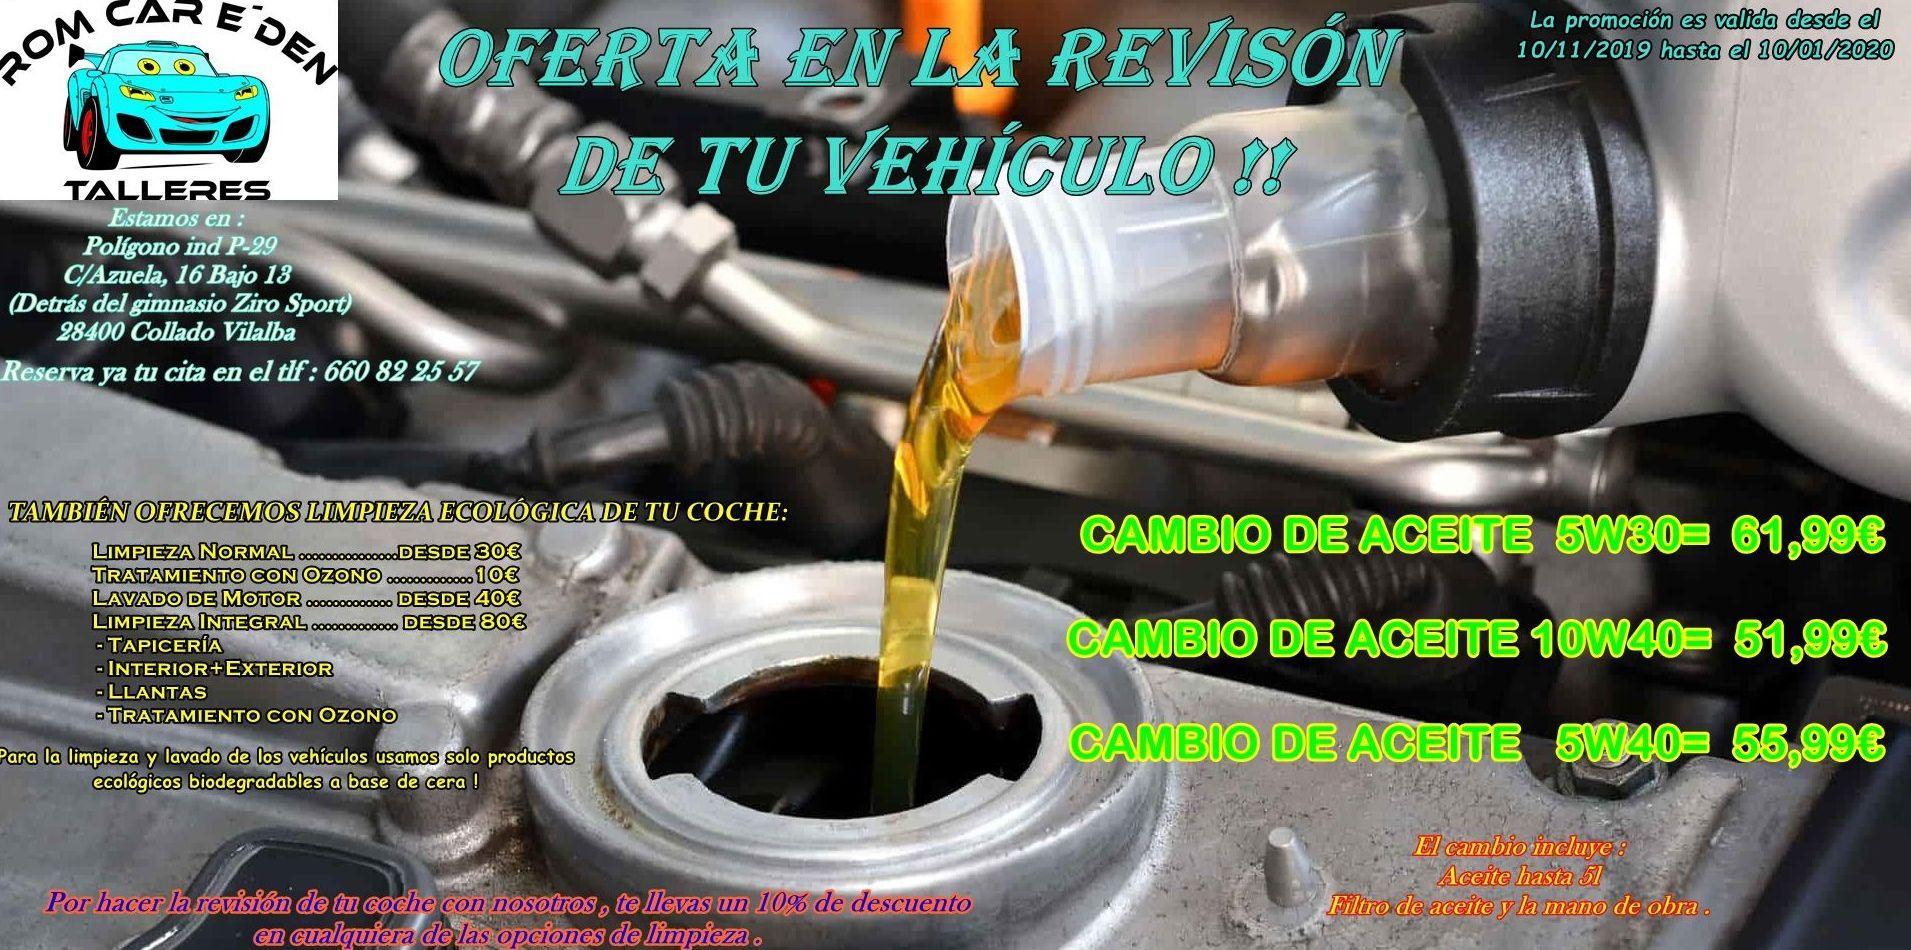 Foto 2 de Talleres de automóviles en Collado Villalba | Talleres Rom Car E'Den